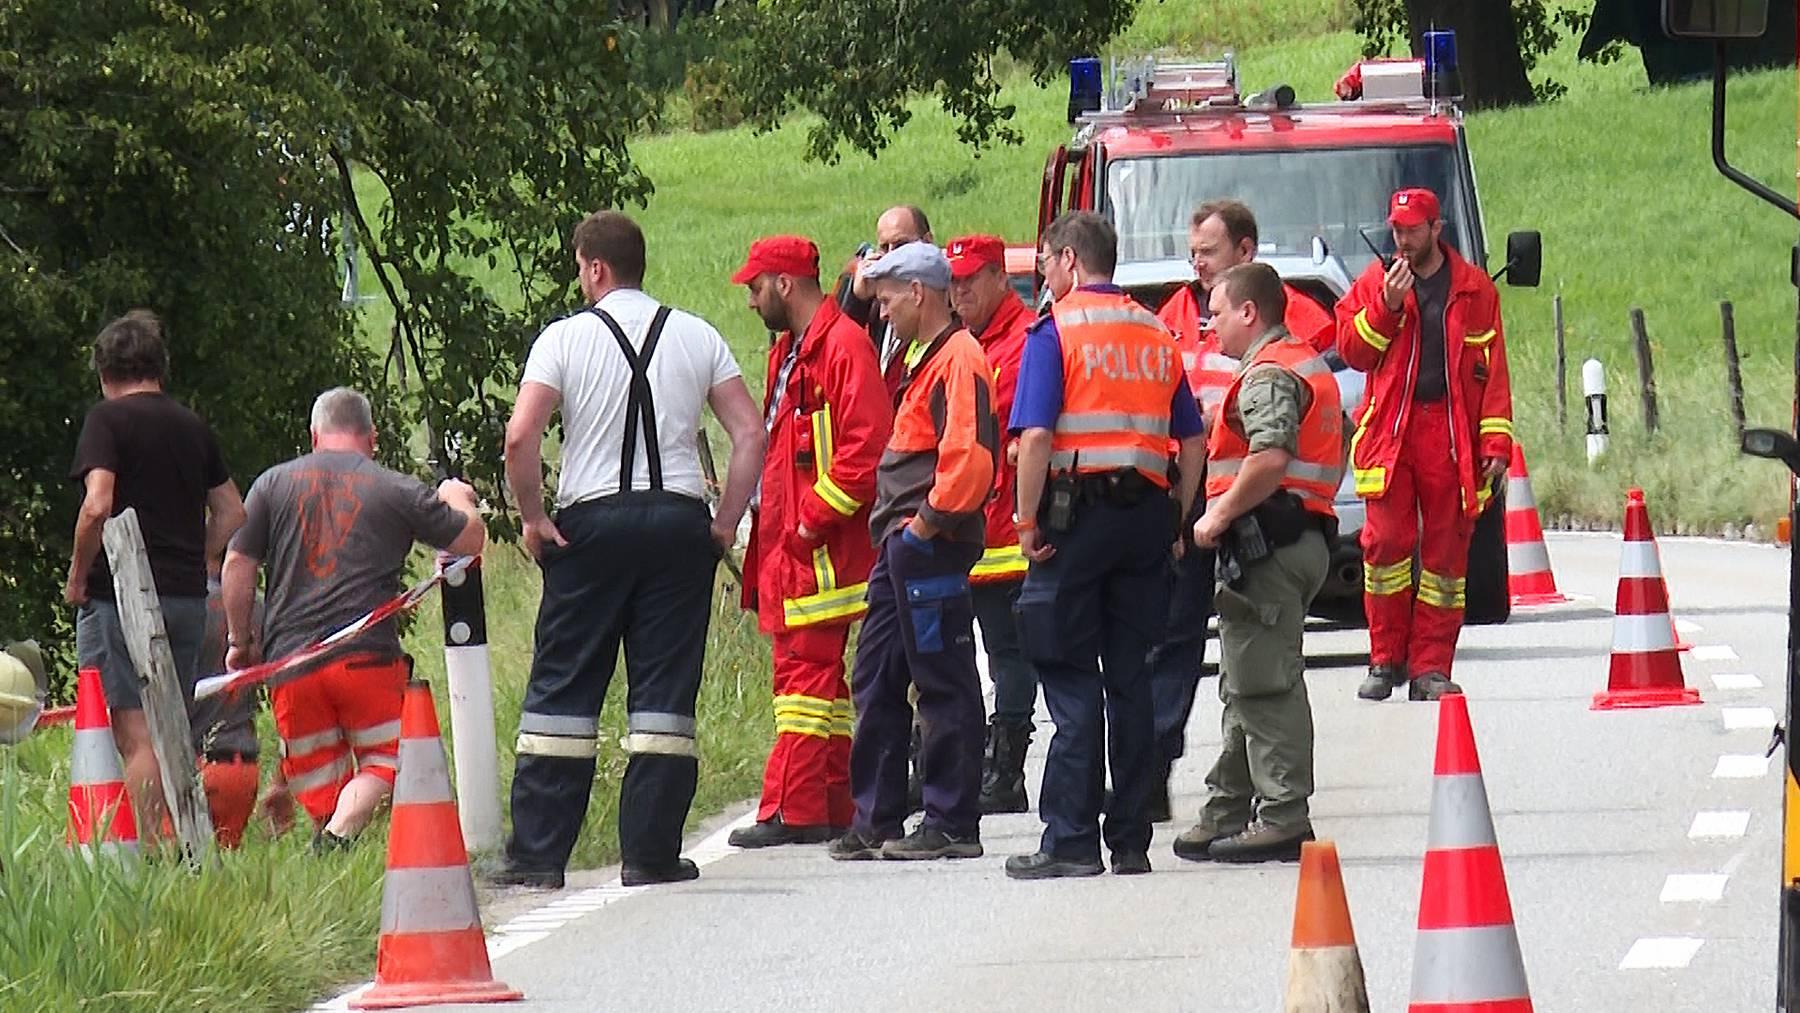 Verletzte bei Militärunfall: Im Simmental landet Fahrzeug in Strassengraben